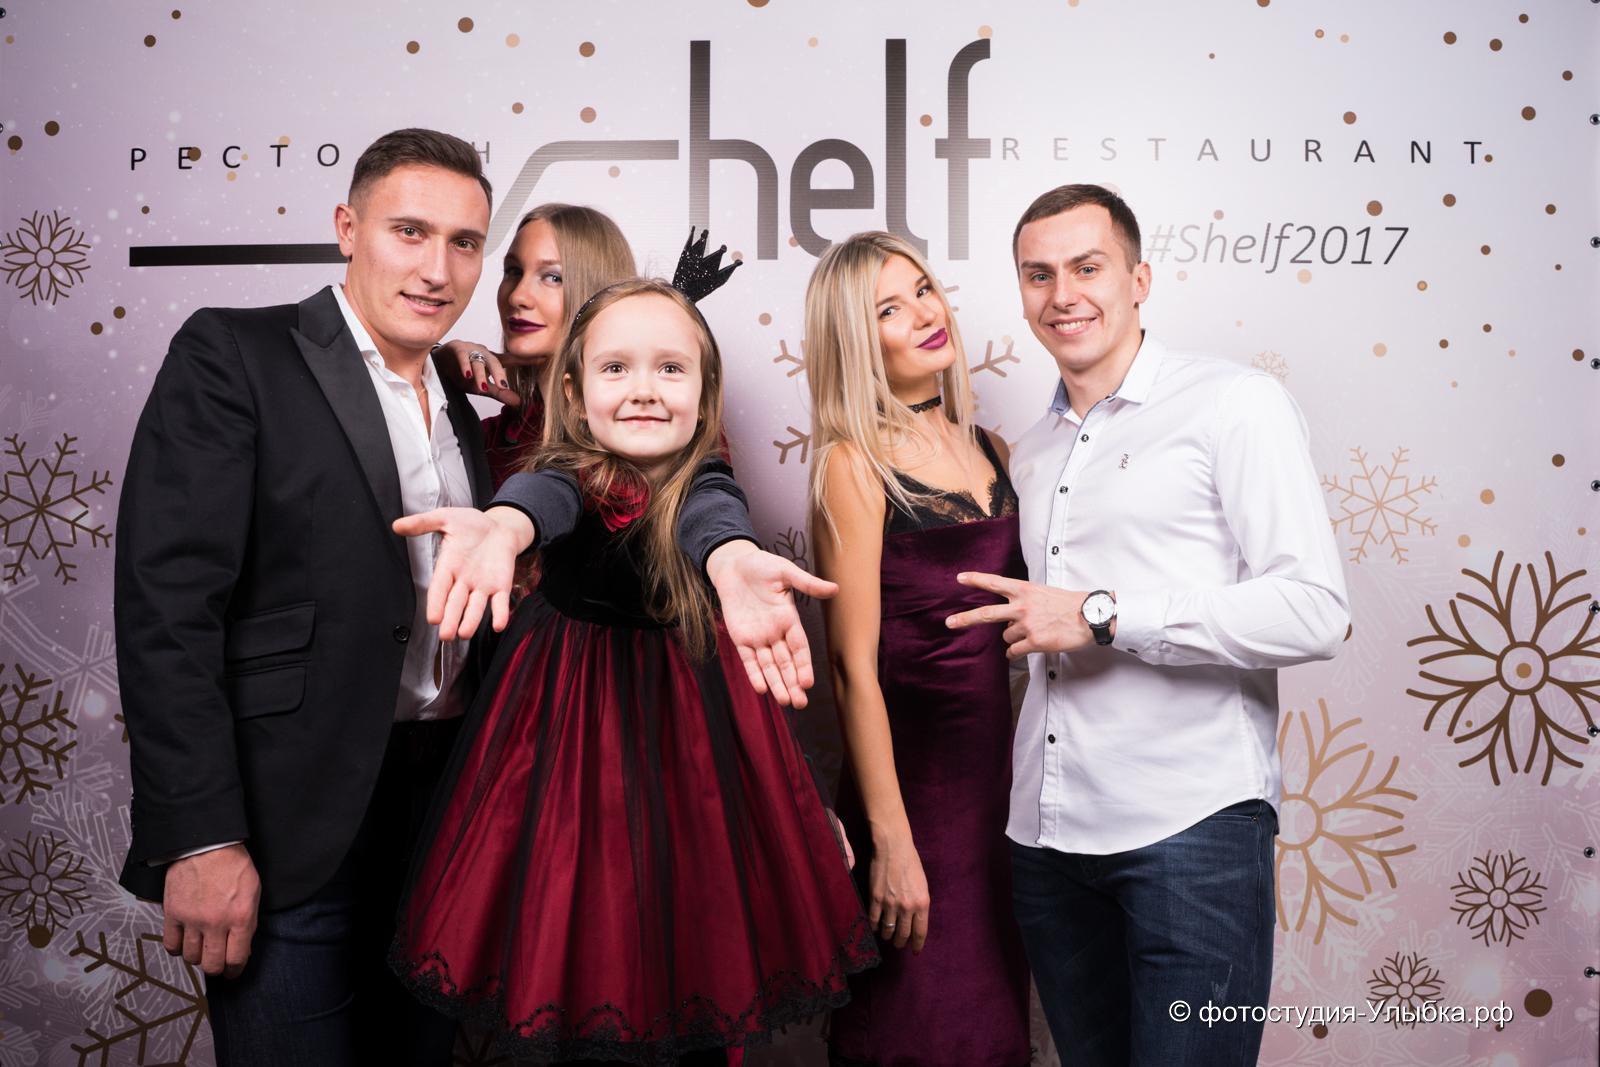 смерти капитана красноярск фотосессии отзывы мерсье биография актрисы